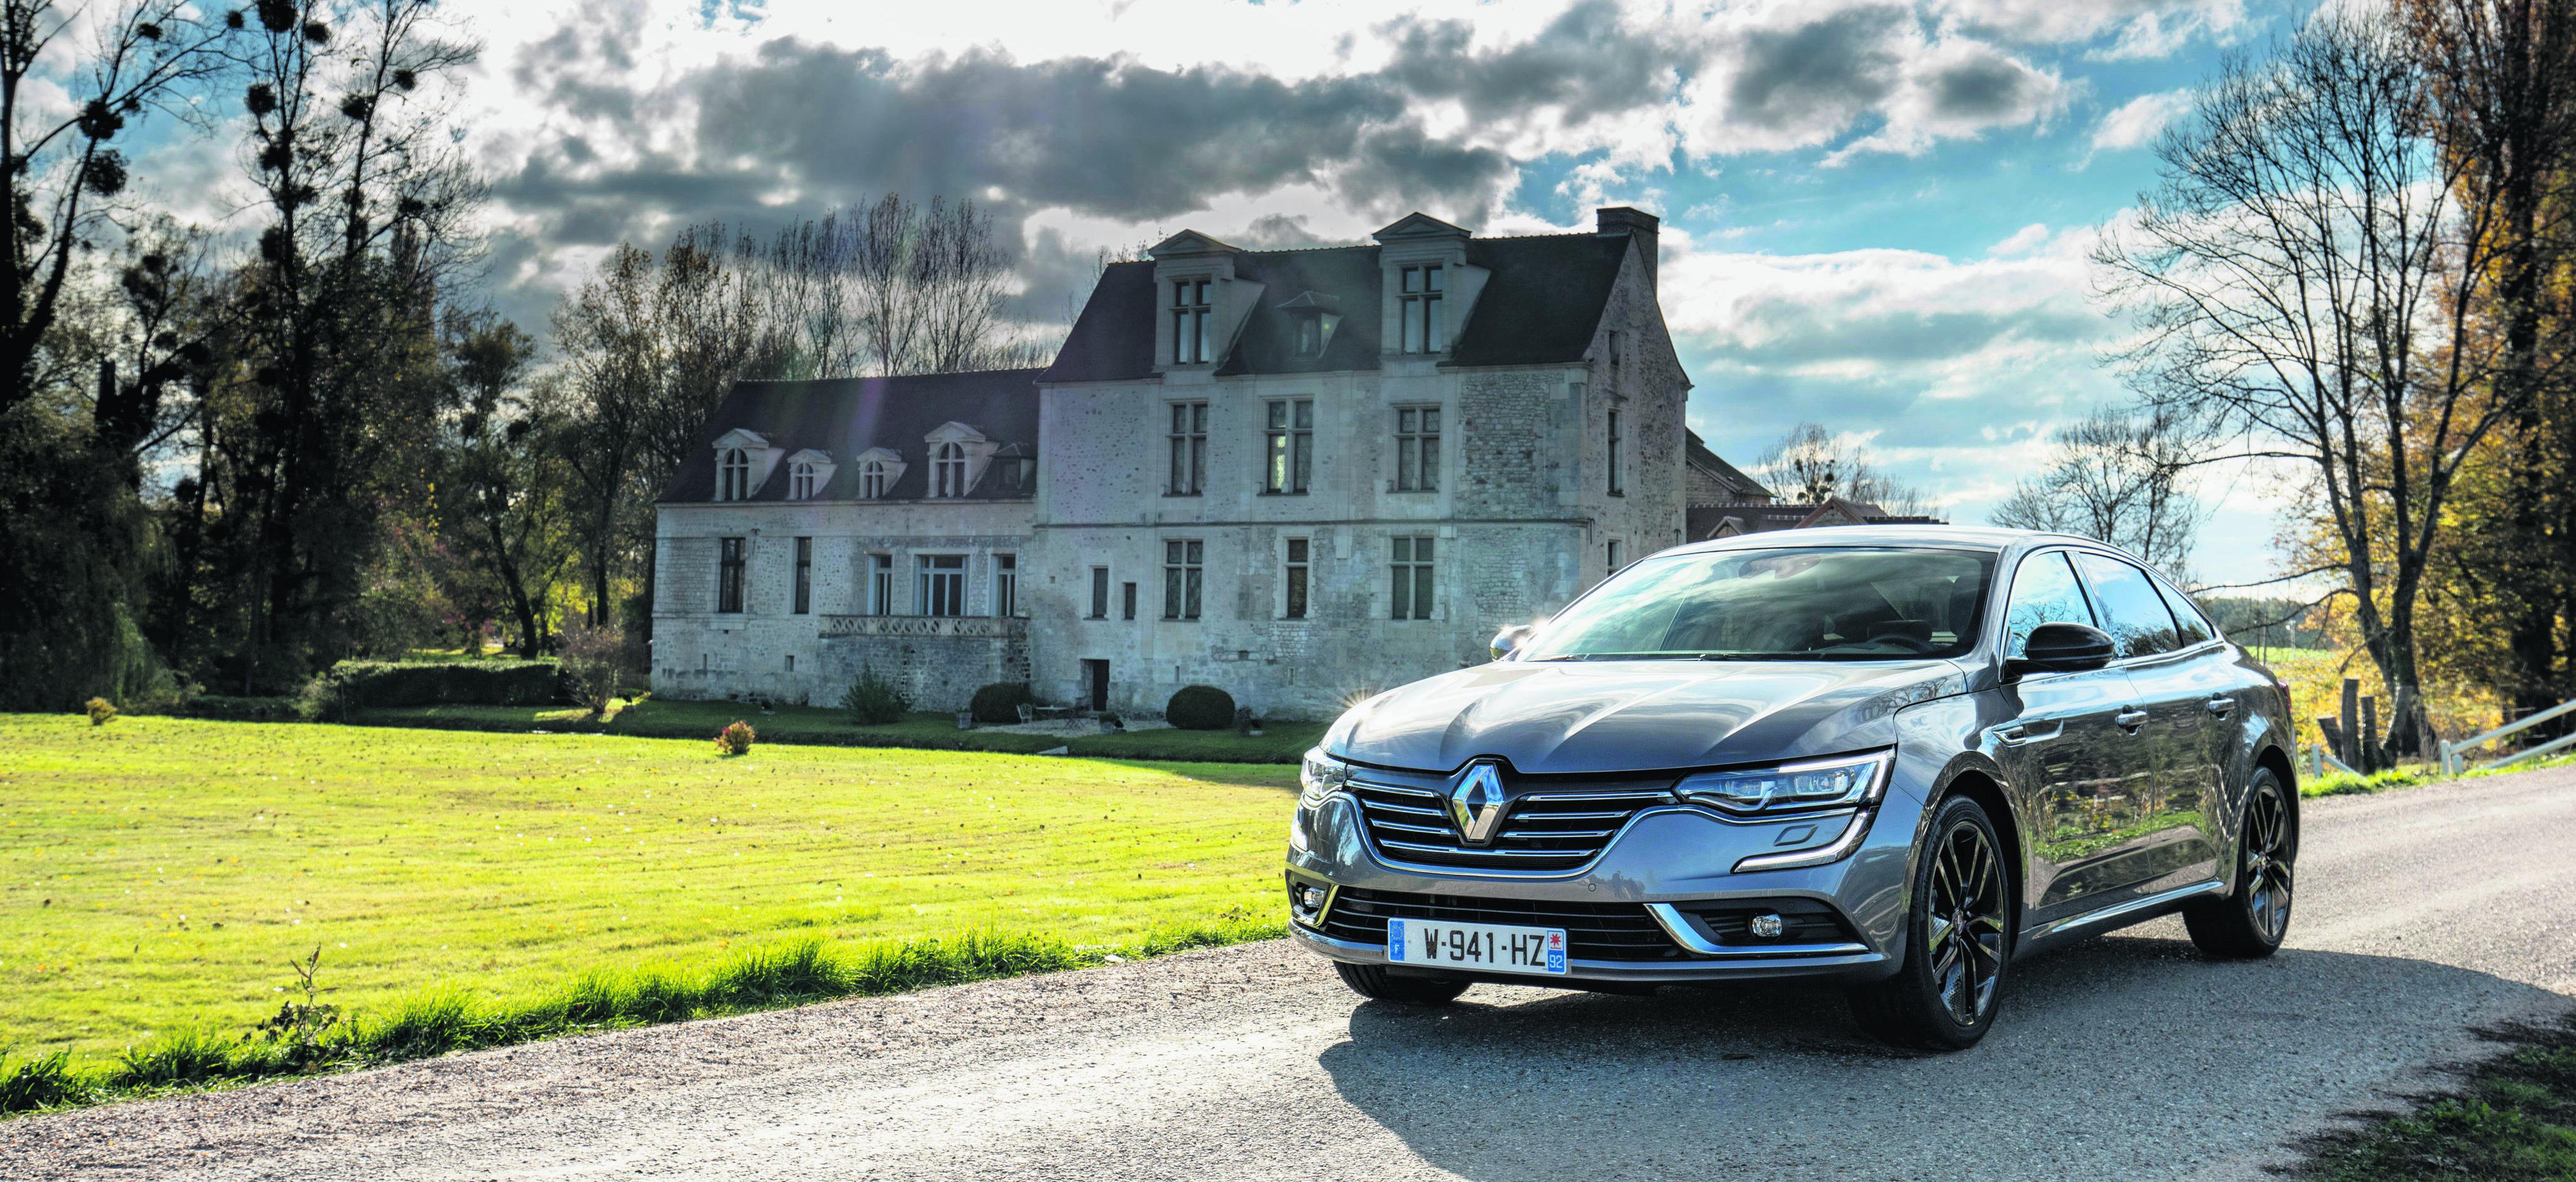 Angriff-auf-die-obere-Mittelklasse-von-Renault